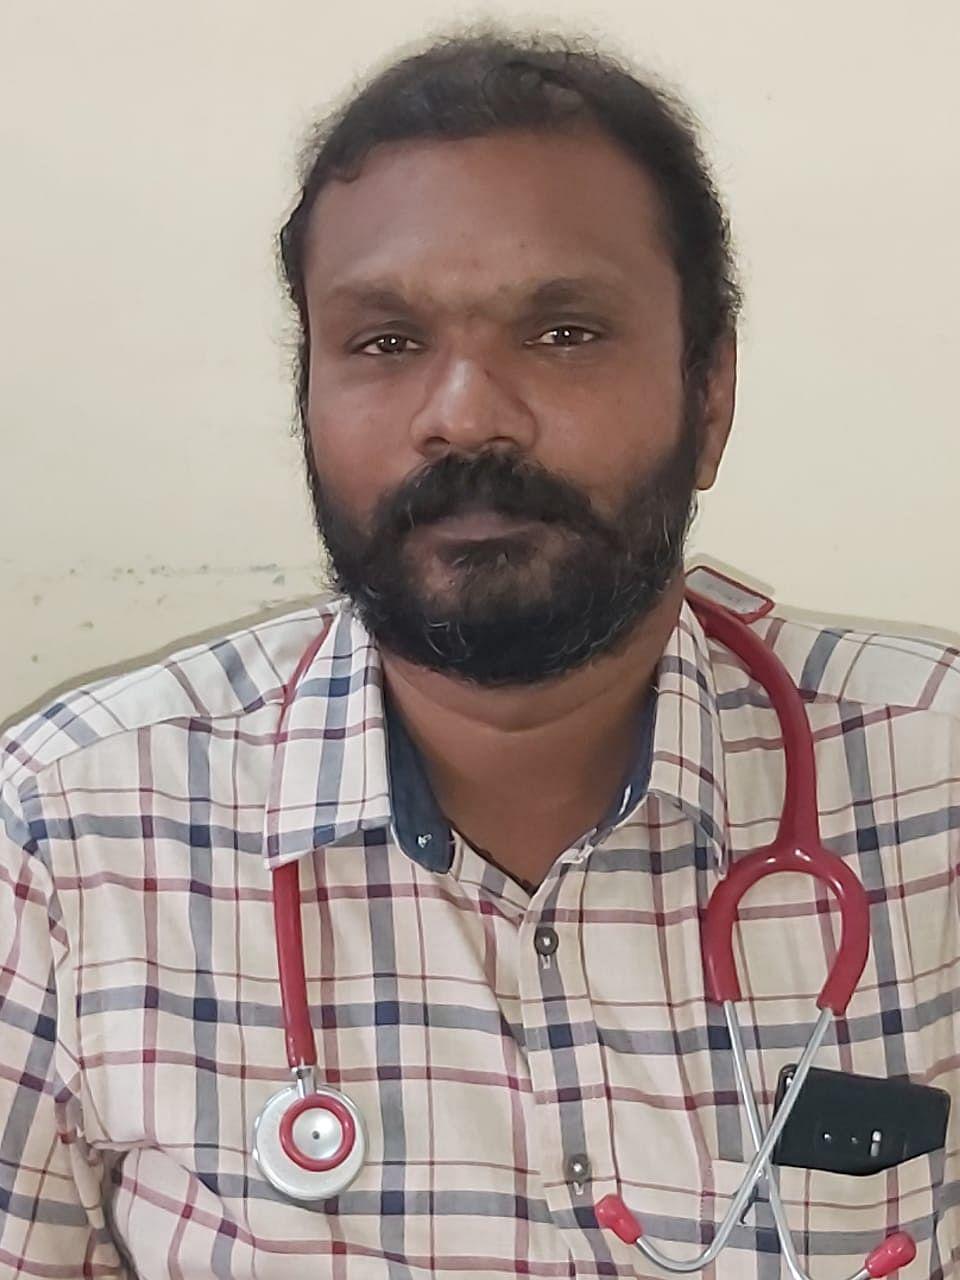 மருத்துவர் மனோஜ் குணசீலன்(clinical research physician)